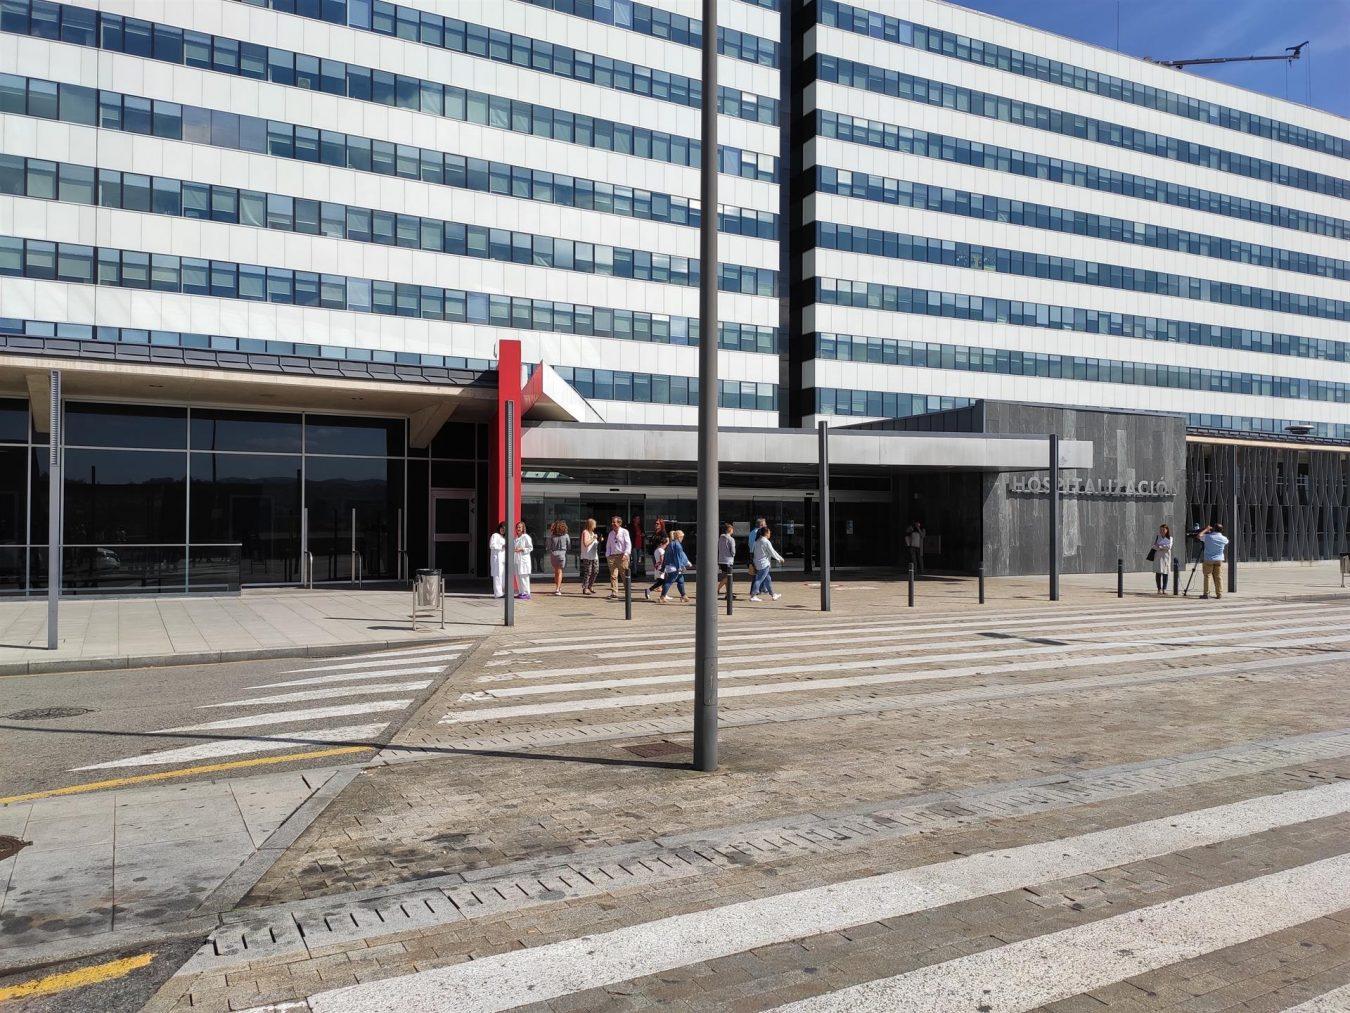 Se rompe la buena racha y el coronavirus suma una nueva víctima mortal en Asturias